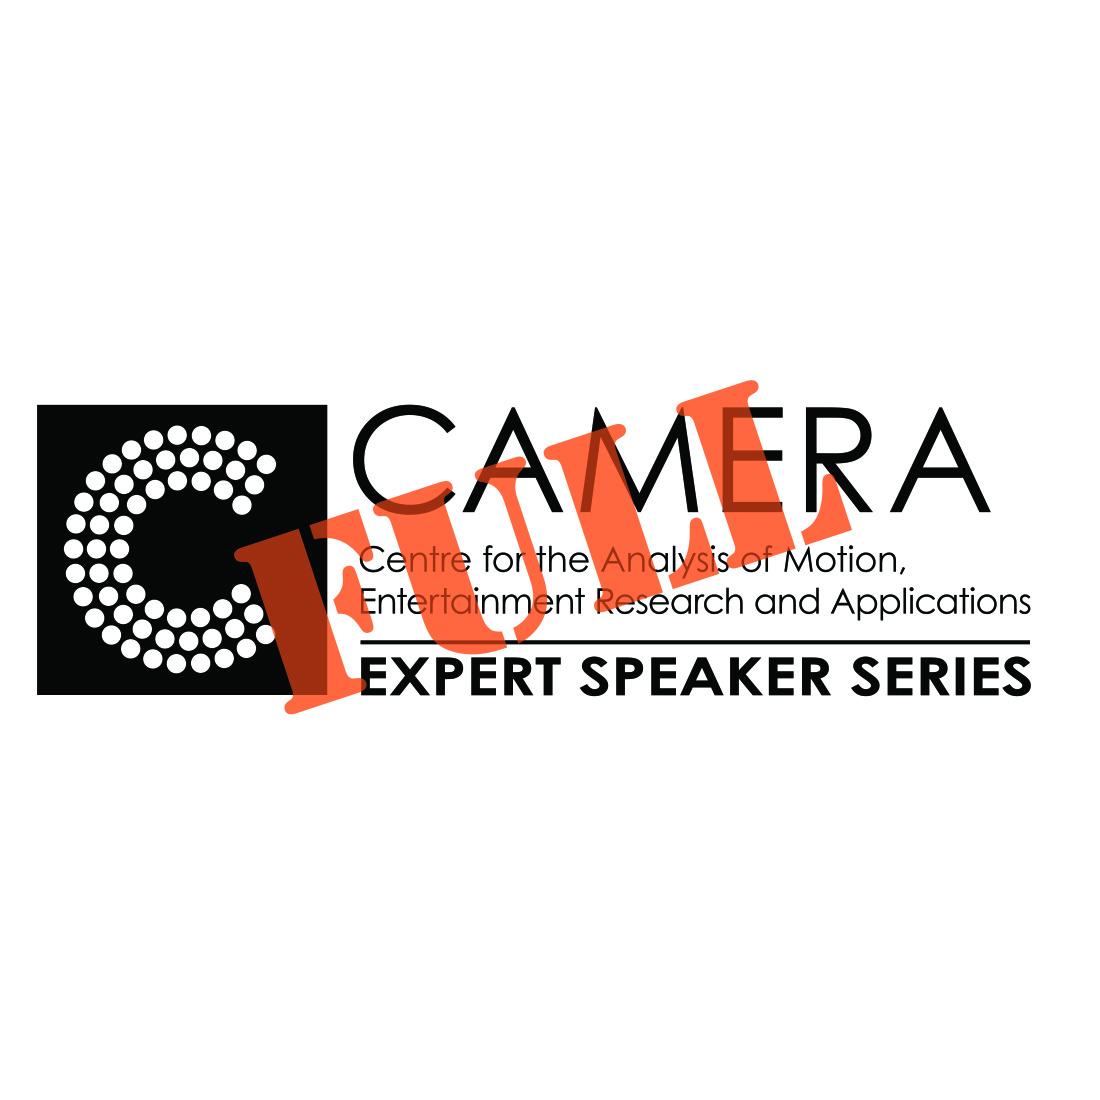 CAMERA REGISTRATION CLOSED: CAMERA Expert Speaker Series 25th September